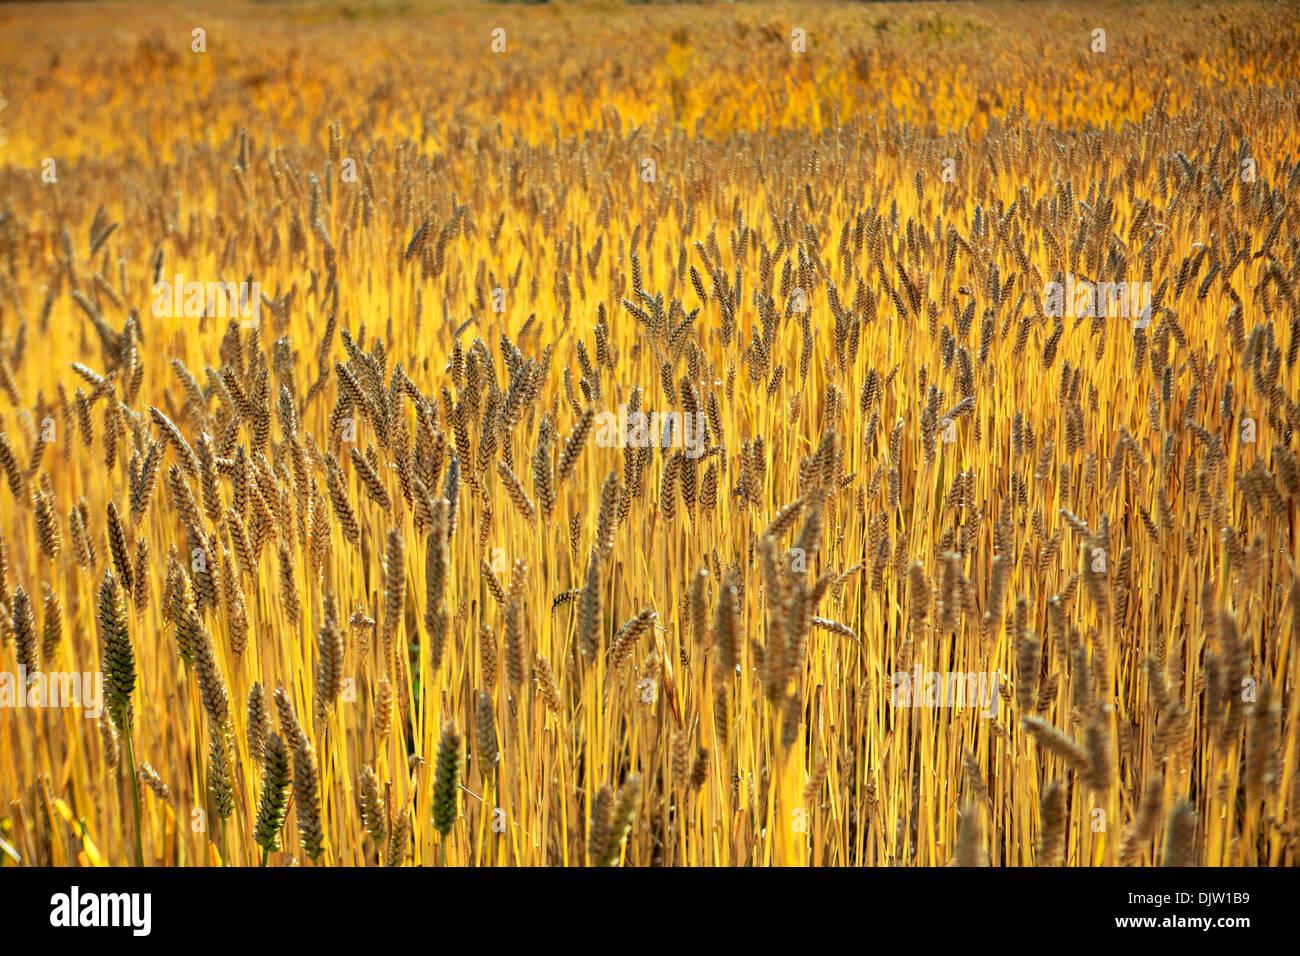 Wheat field near Yumbu Lakhang (Yungbulakang Palace), Lhoka (Shannan) Prefecture, Tibet, China - Stock Image